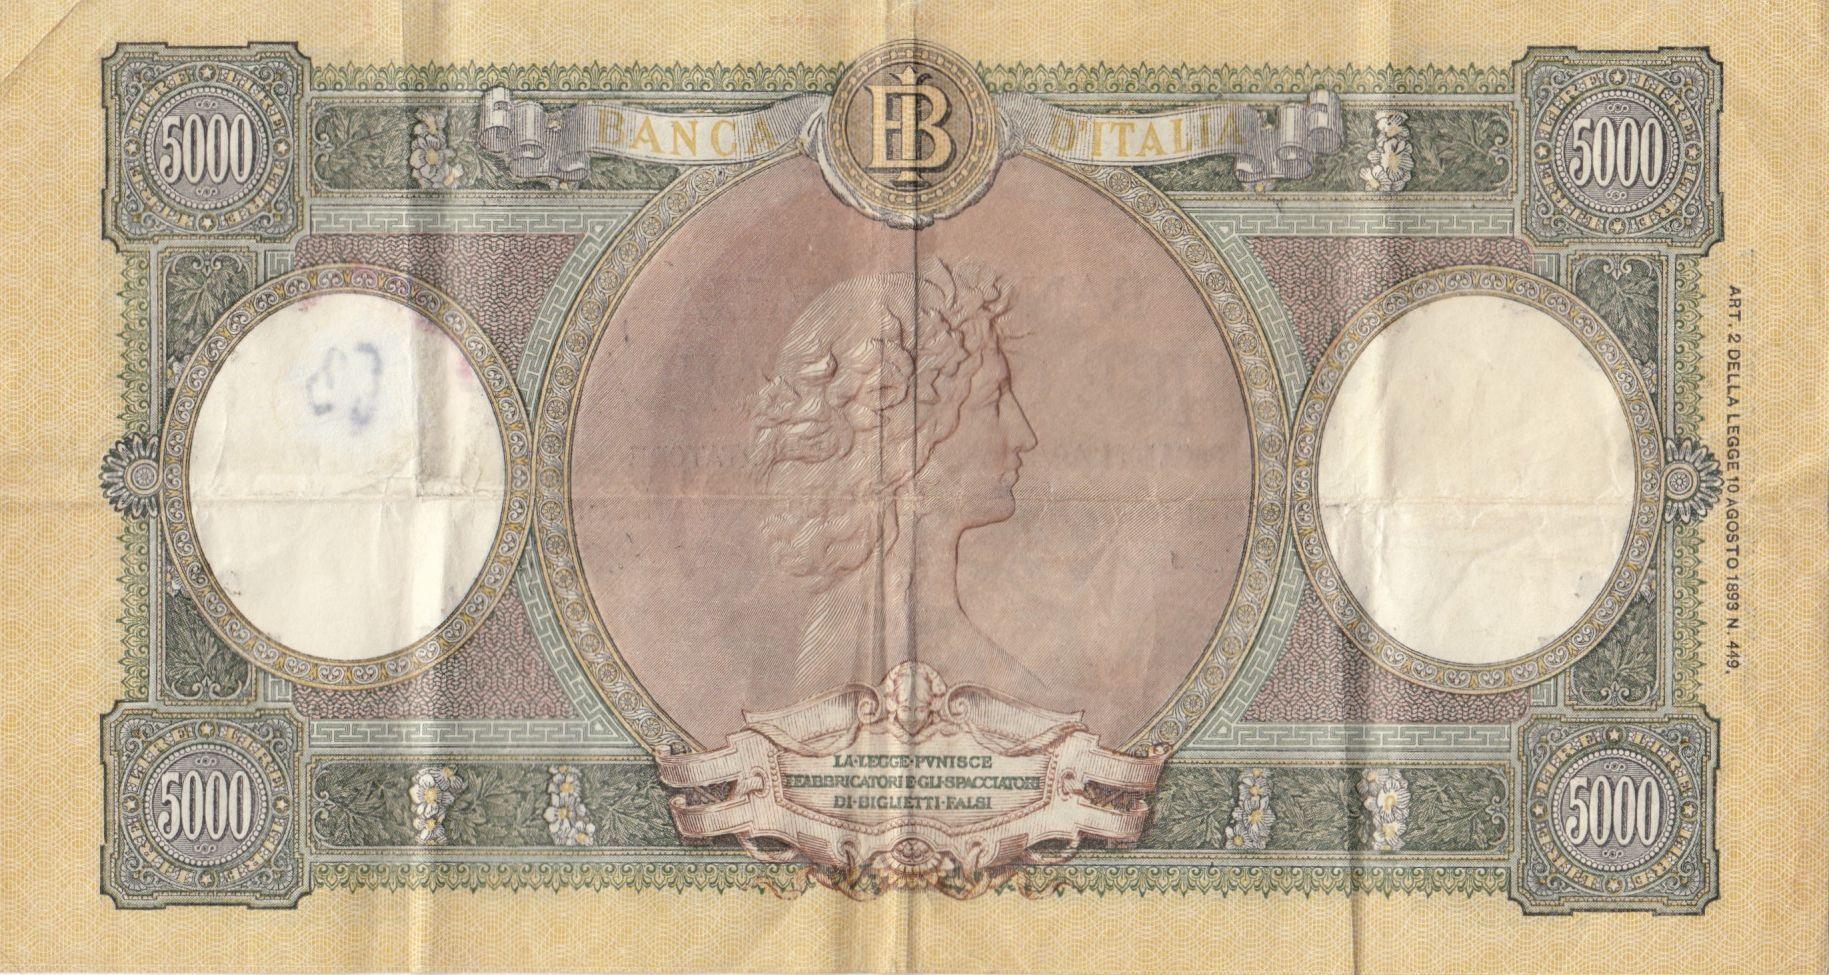 Italie 5000 Lire - 23-04-1956 - Série C.608 - TTB - P.85